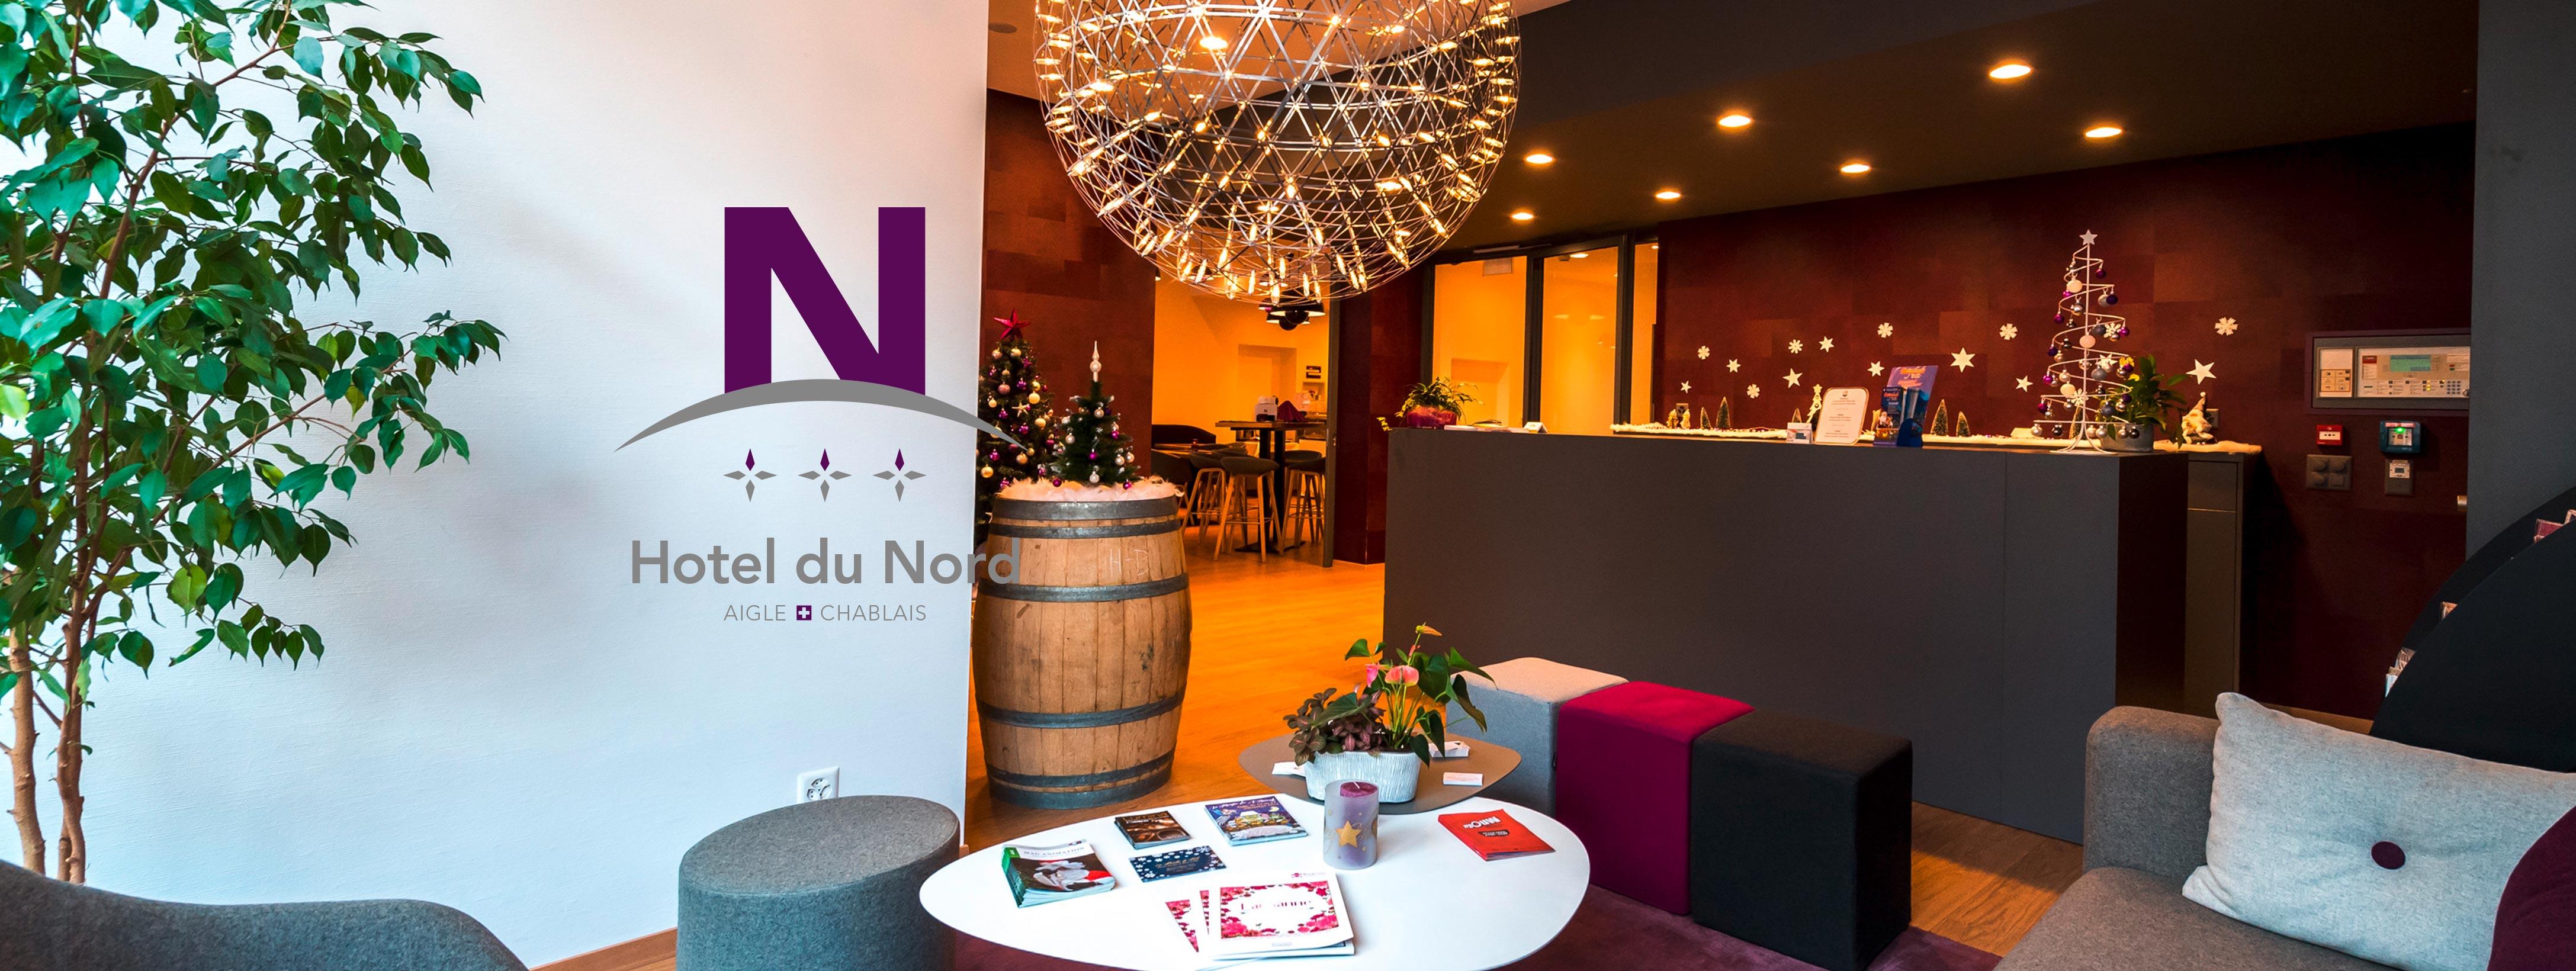 los angeles 49593 f065b Hotel du Nord Aigle Chablais Vaud Suisse | Your City Hotel ...